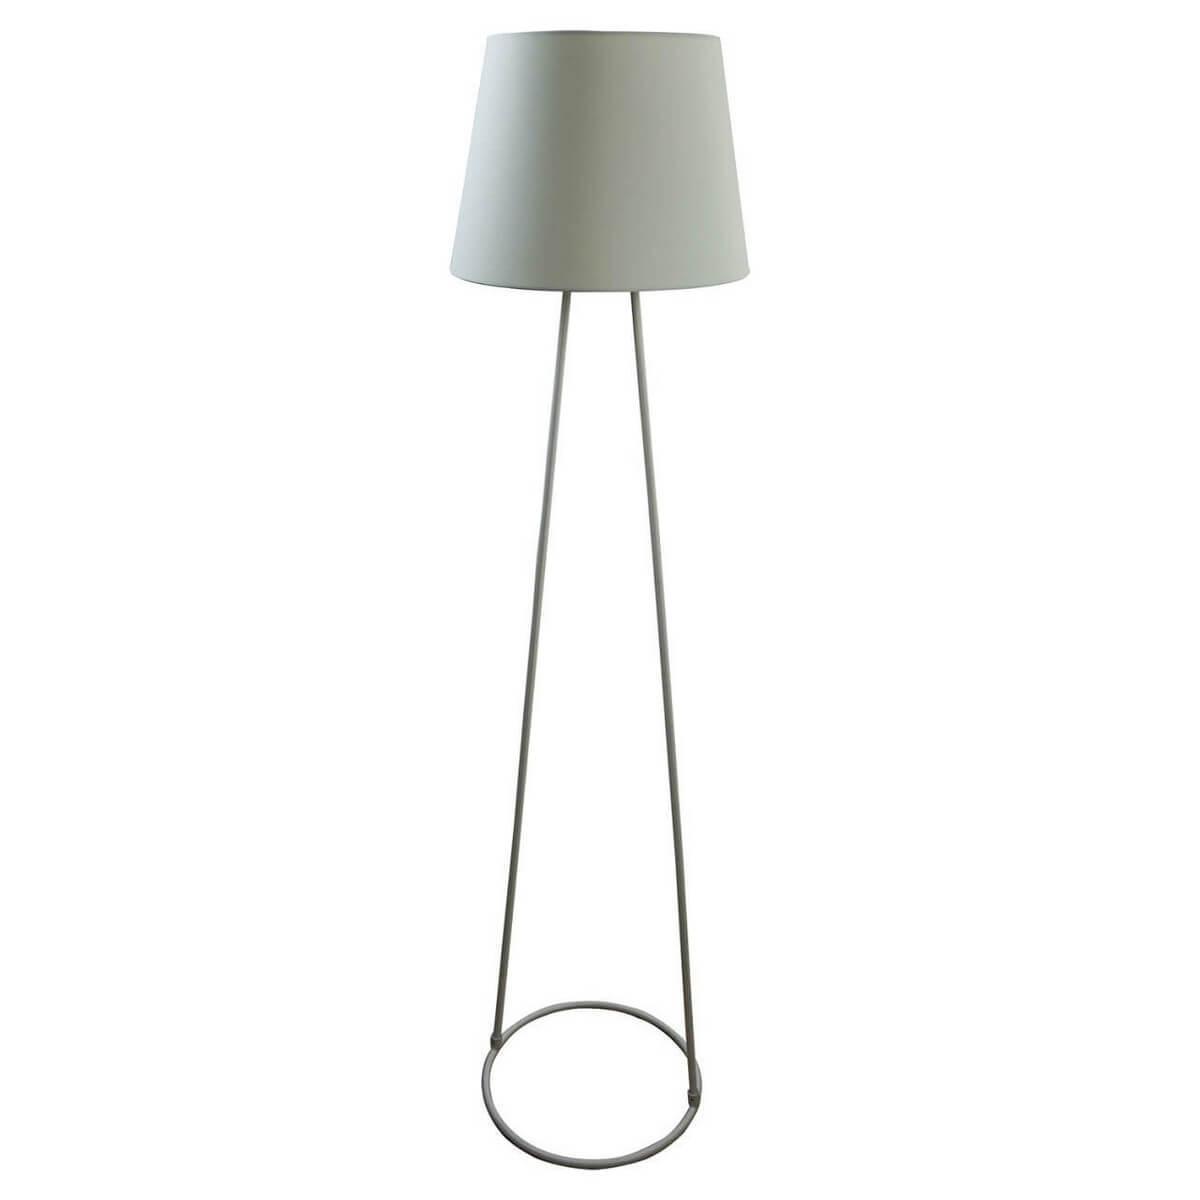 Напольный светильник Lussole GRLSP-9907, E27, 11 Вт